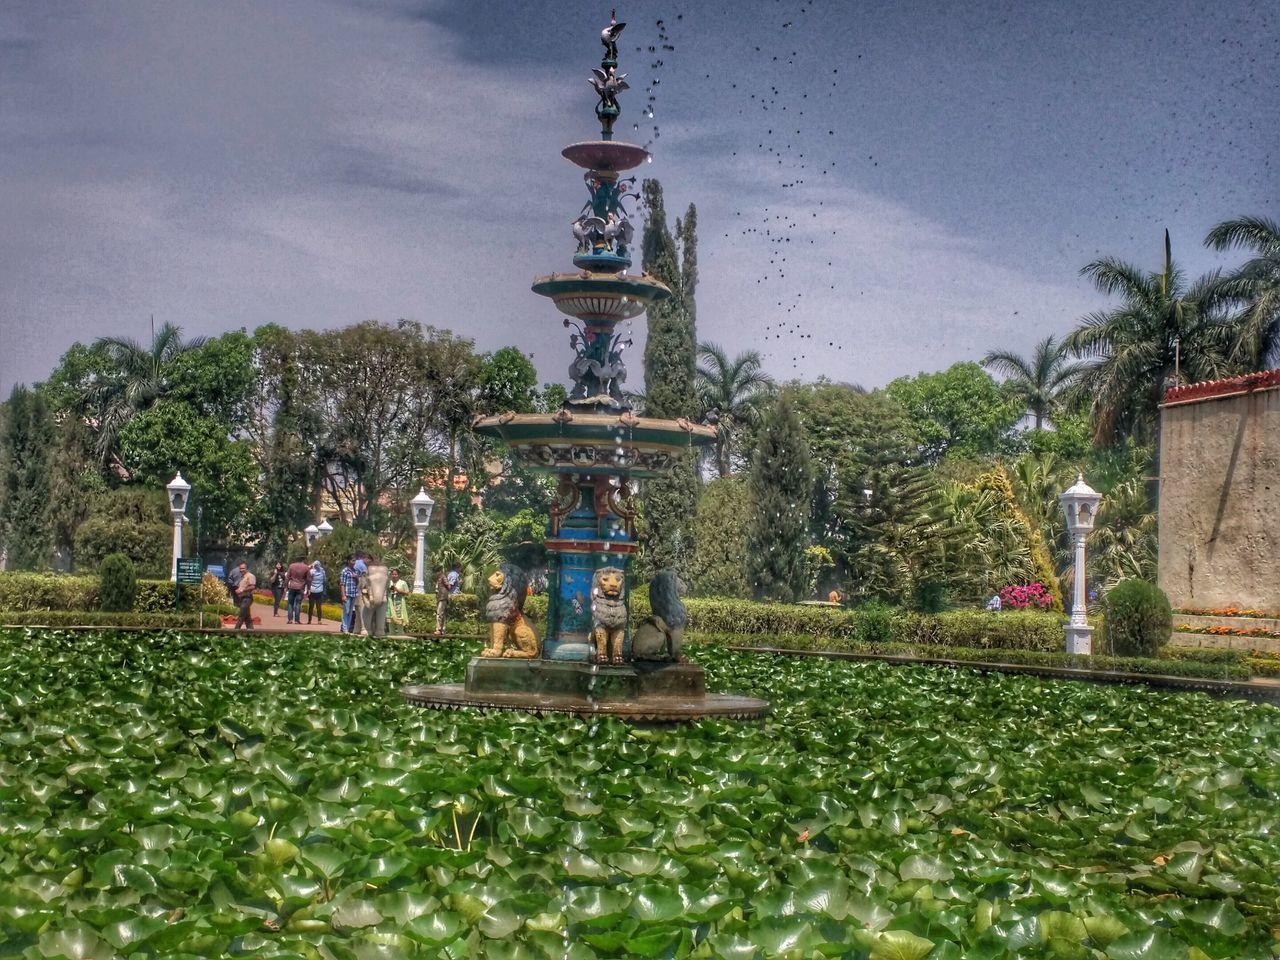 Lotus Pond Fountain_collection Eyeem Garden Garden Photography Eyeem Photography EyeEm Gallery Eyeem Market EyeEm Team EyeEm Best Shots - Landscape EyeEm Best Shots - Nature EyeEmbestshots EyeEm Best Shots - Architecture Urban Spring Fever